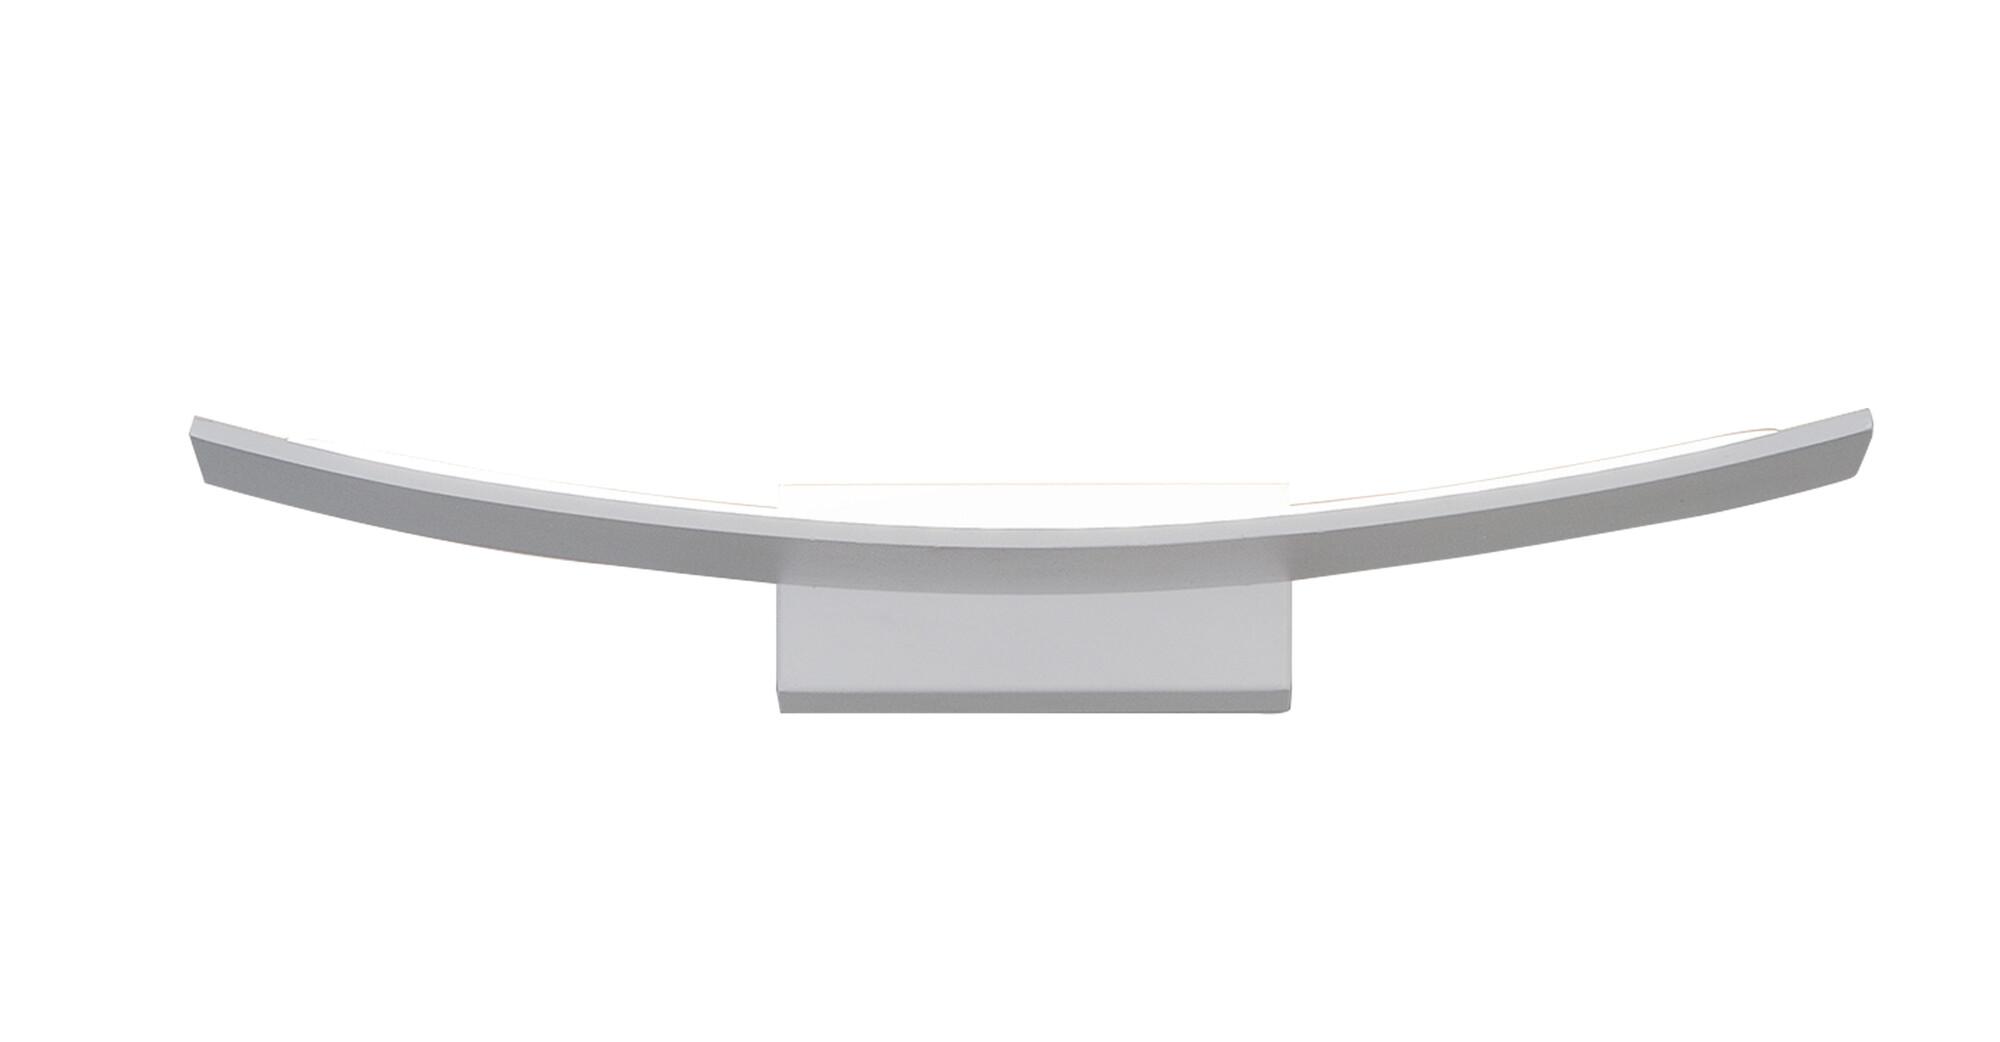 PLATE Wandlamp LED 1x12W/1320lm Wit